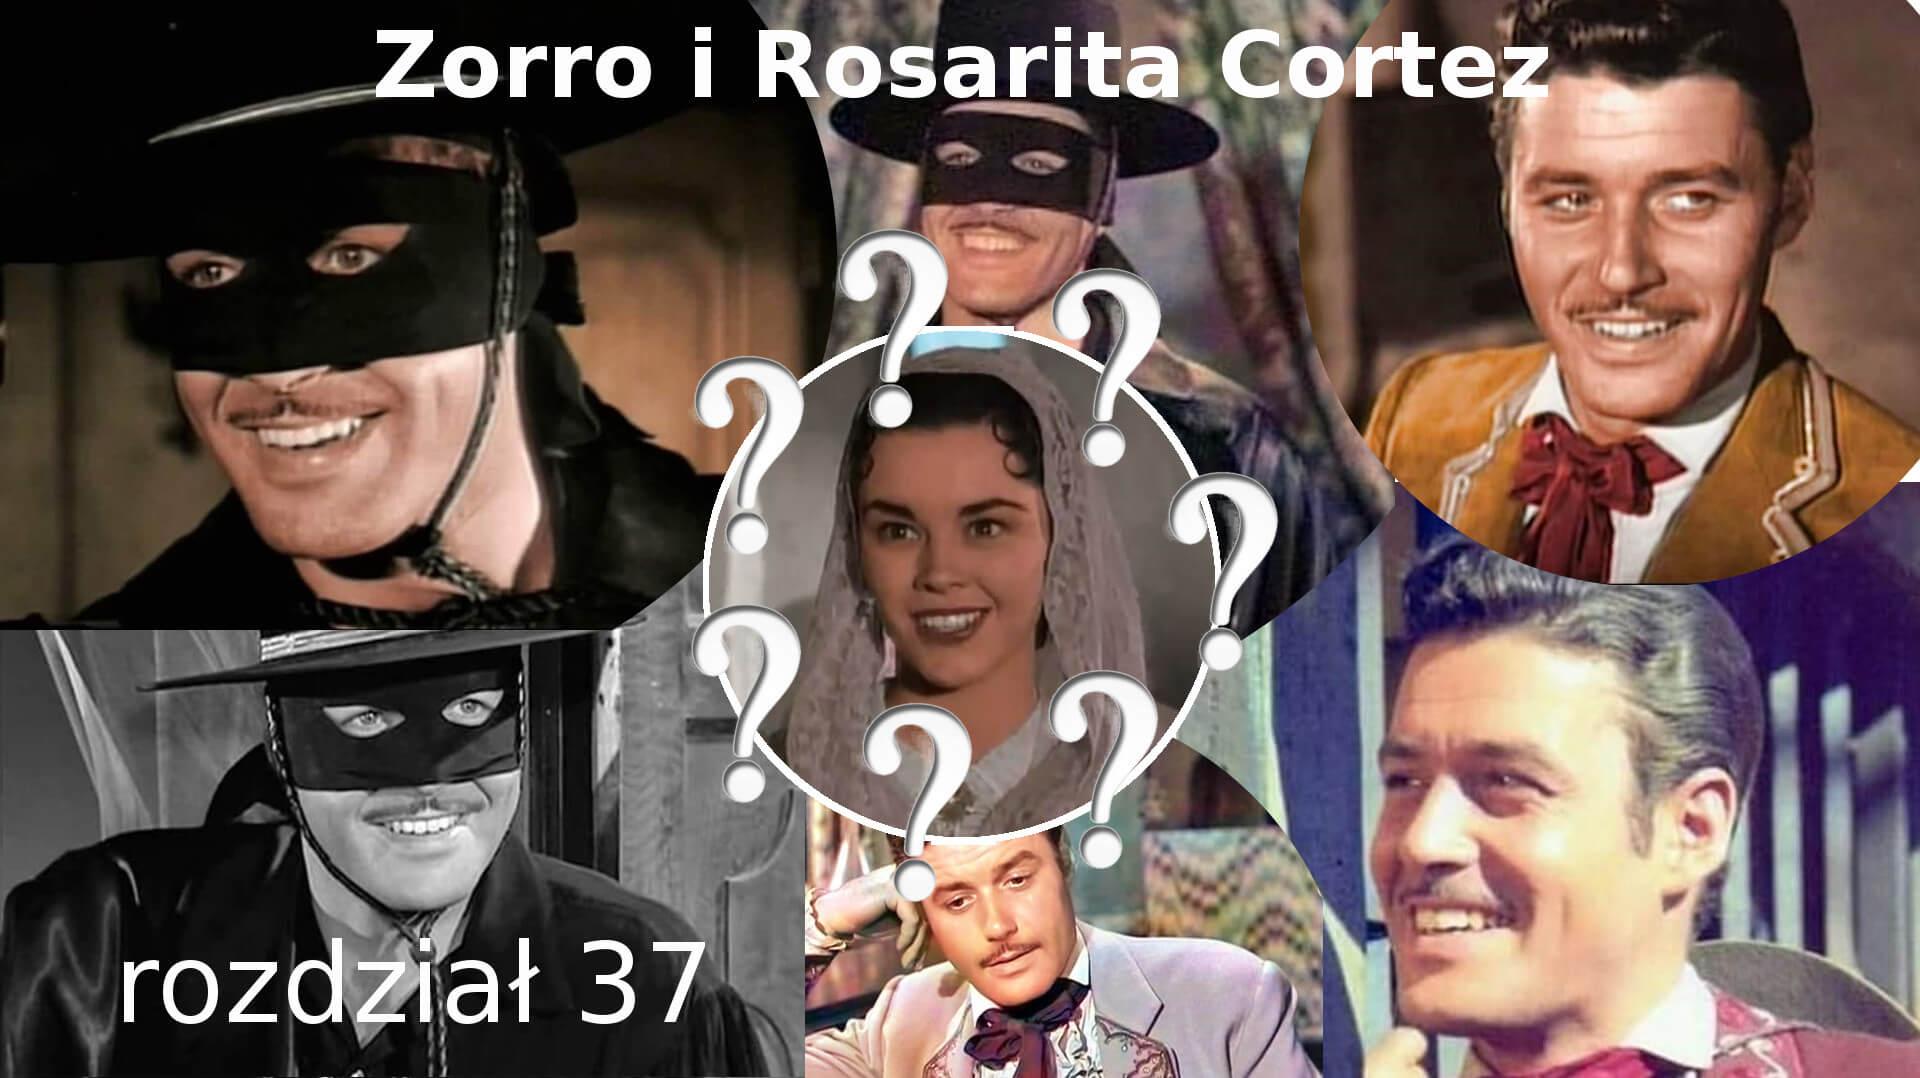 Zorro i Rosarita Cortez rozdział 37 Walt Disney Zorro fanfiction